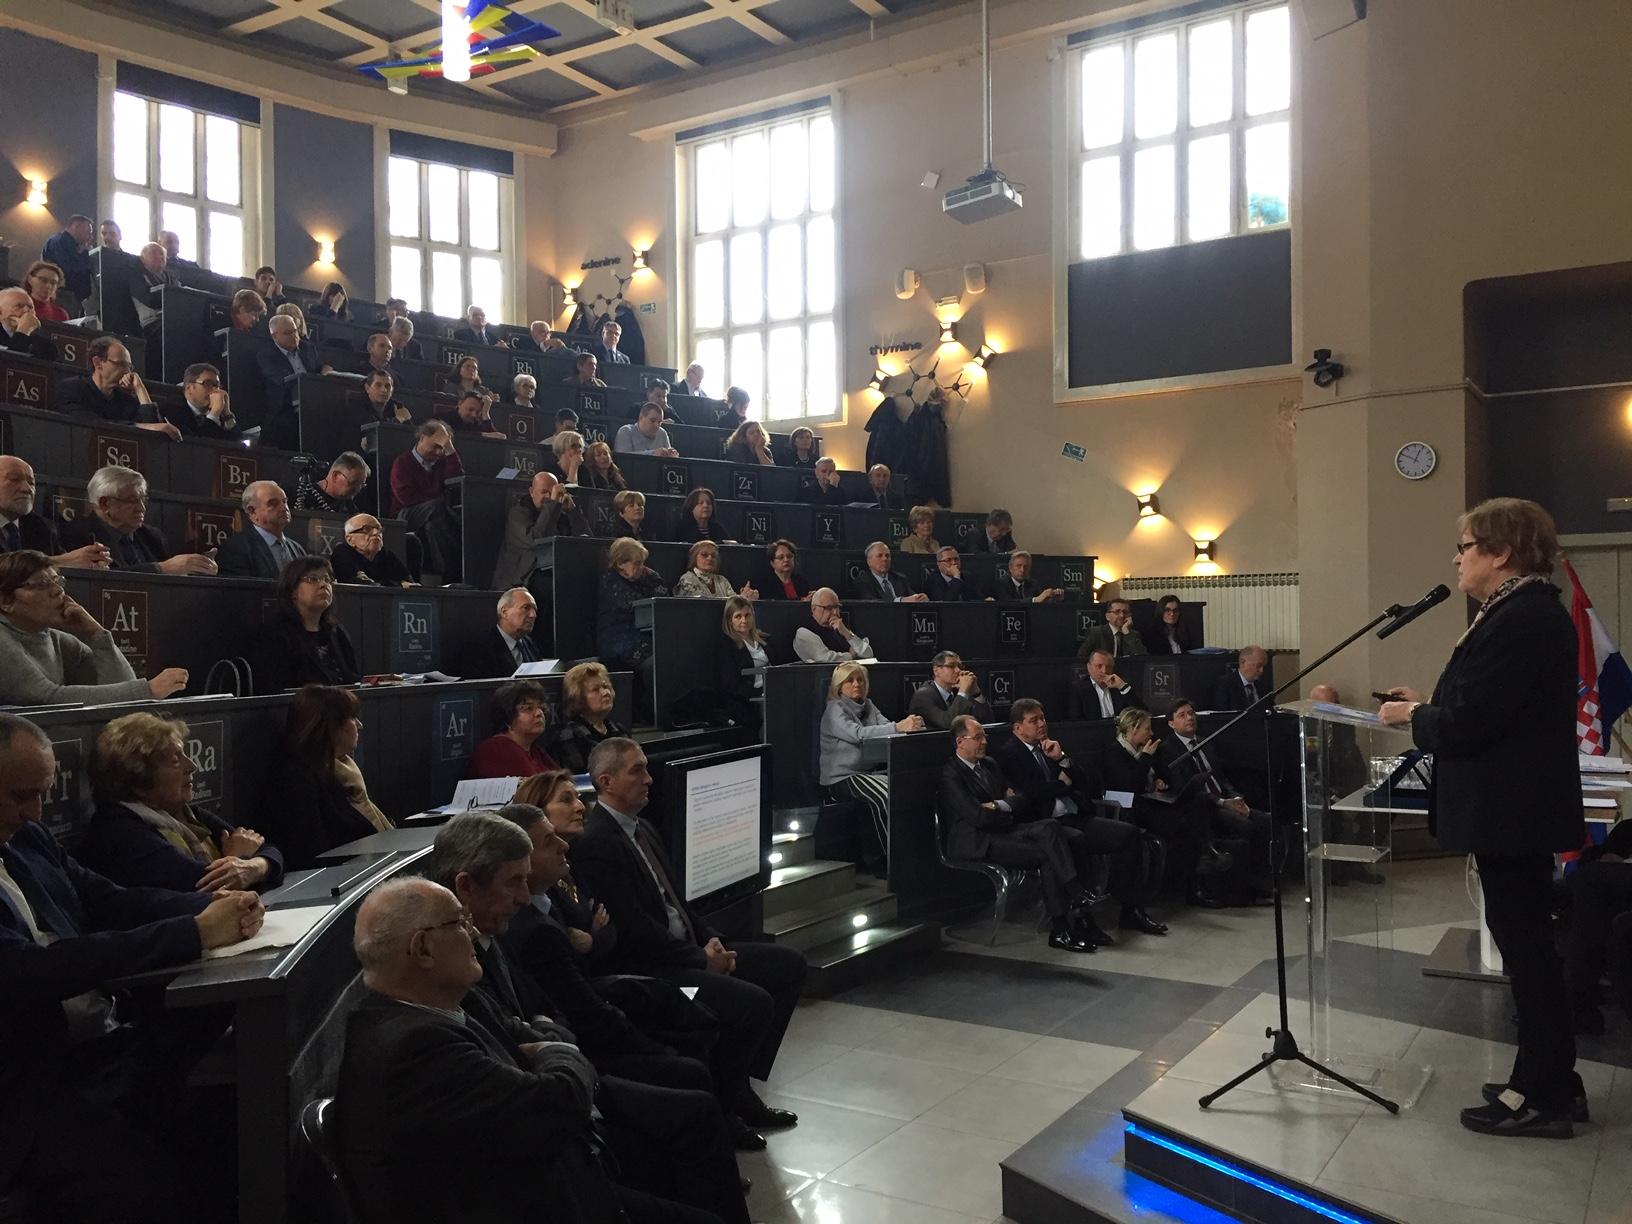 Dan inženjera Hrvatske održan je u organizaciji Hrvatskog inženjerskog saveza (HIS) i Akademije tehničkih znanosti Hrvatske (HATZ) kao suorganizatora, a domaćin je bio Fakultet kemijskog inženjerstva i tehnologije